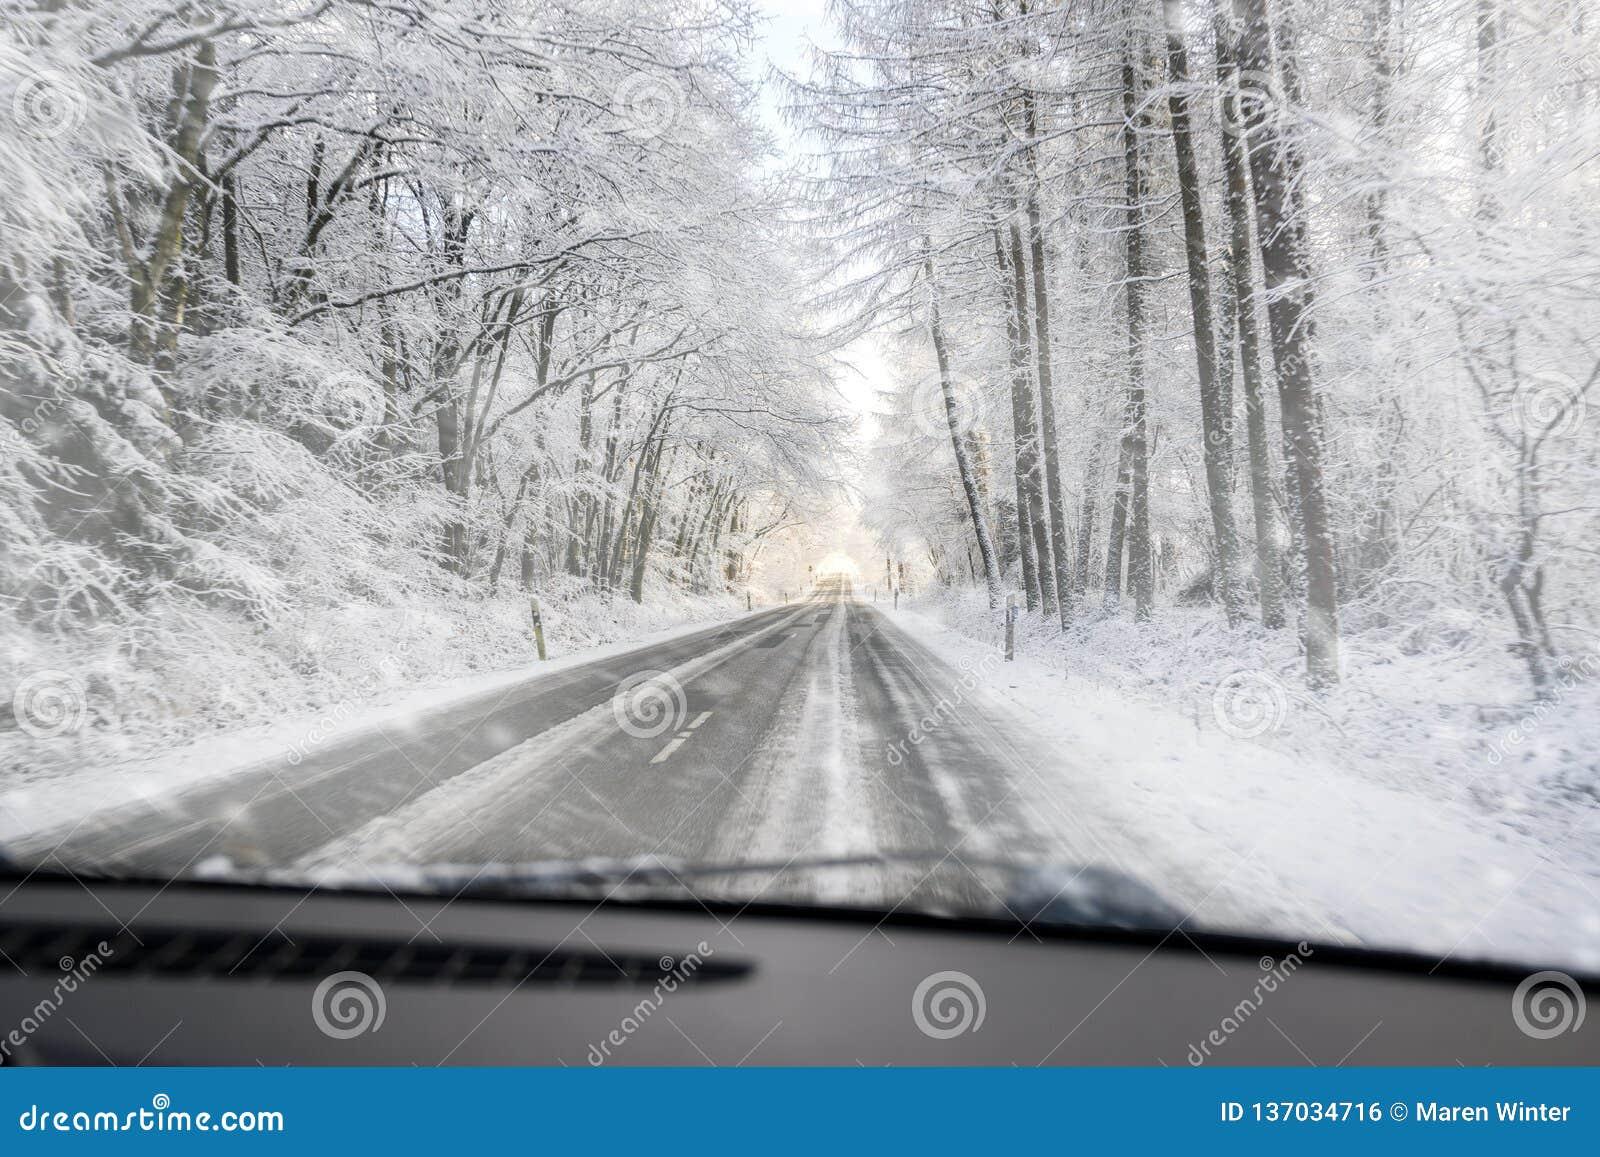 Sikt till och med vindrutan, när köra farligt på en hal skogväg i snön, kopieringsutrymme